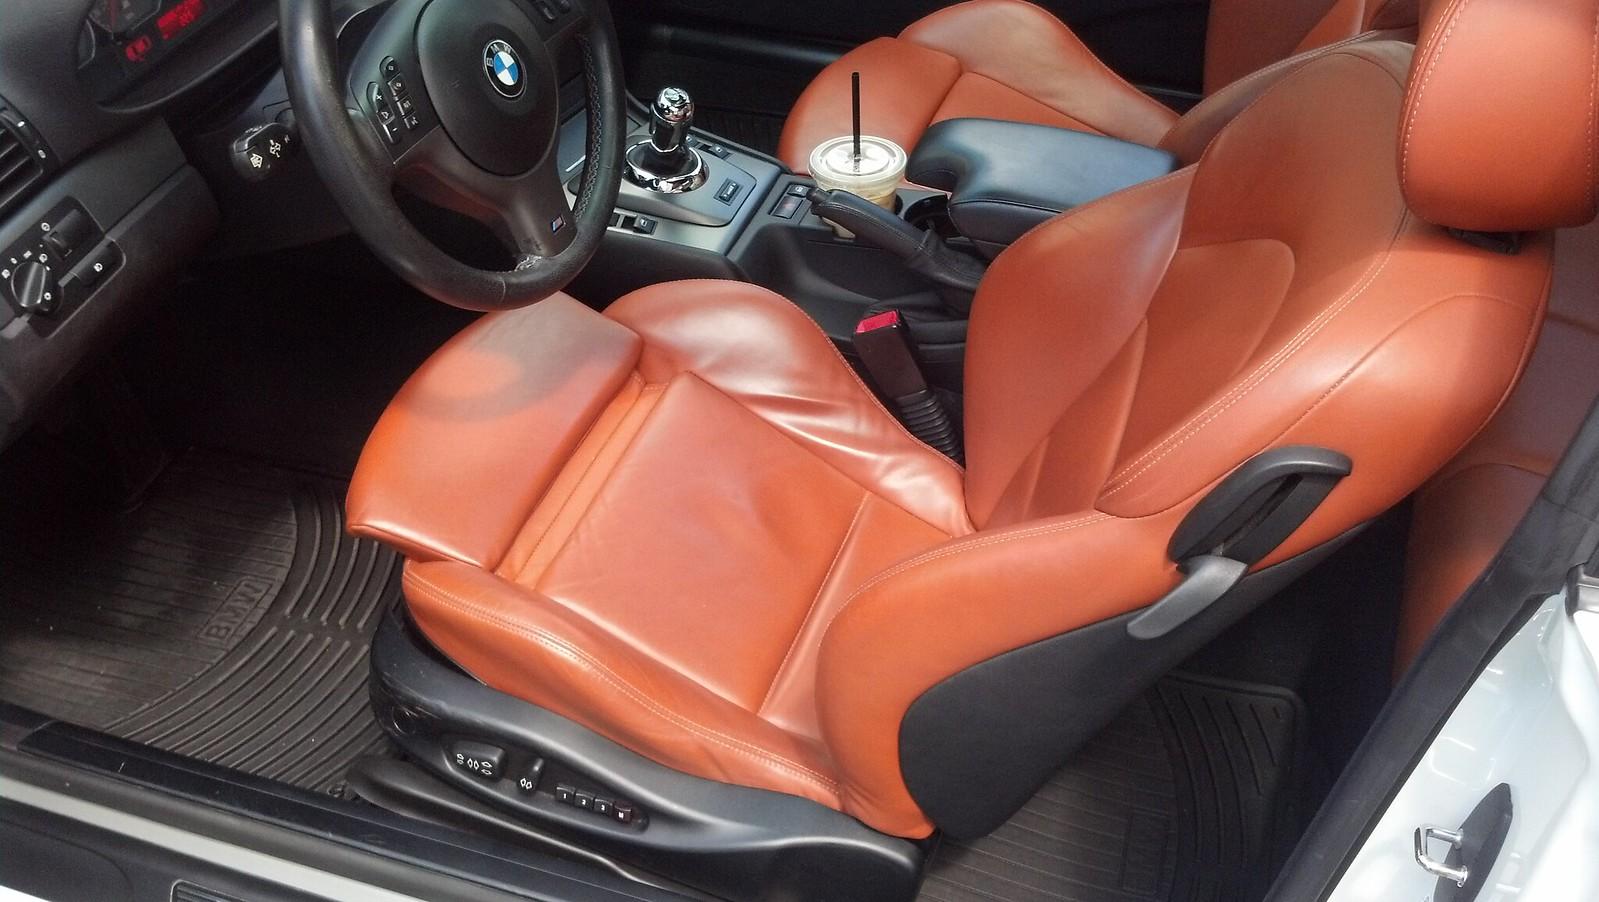 2005 BMW M3 Alpine white On cinnamon coupe - E46Fanatics